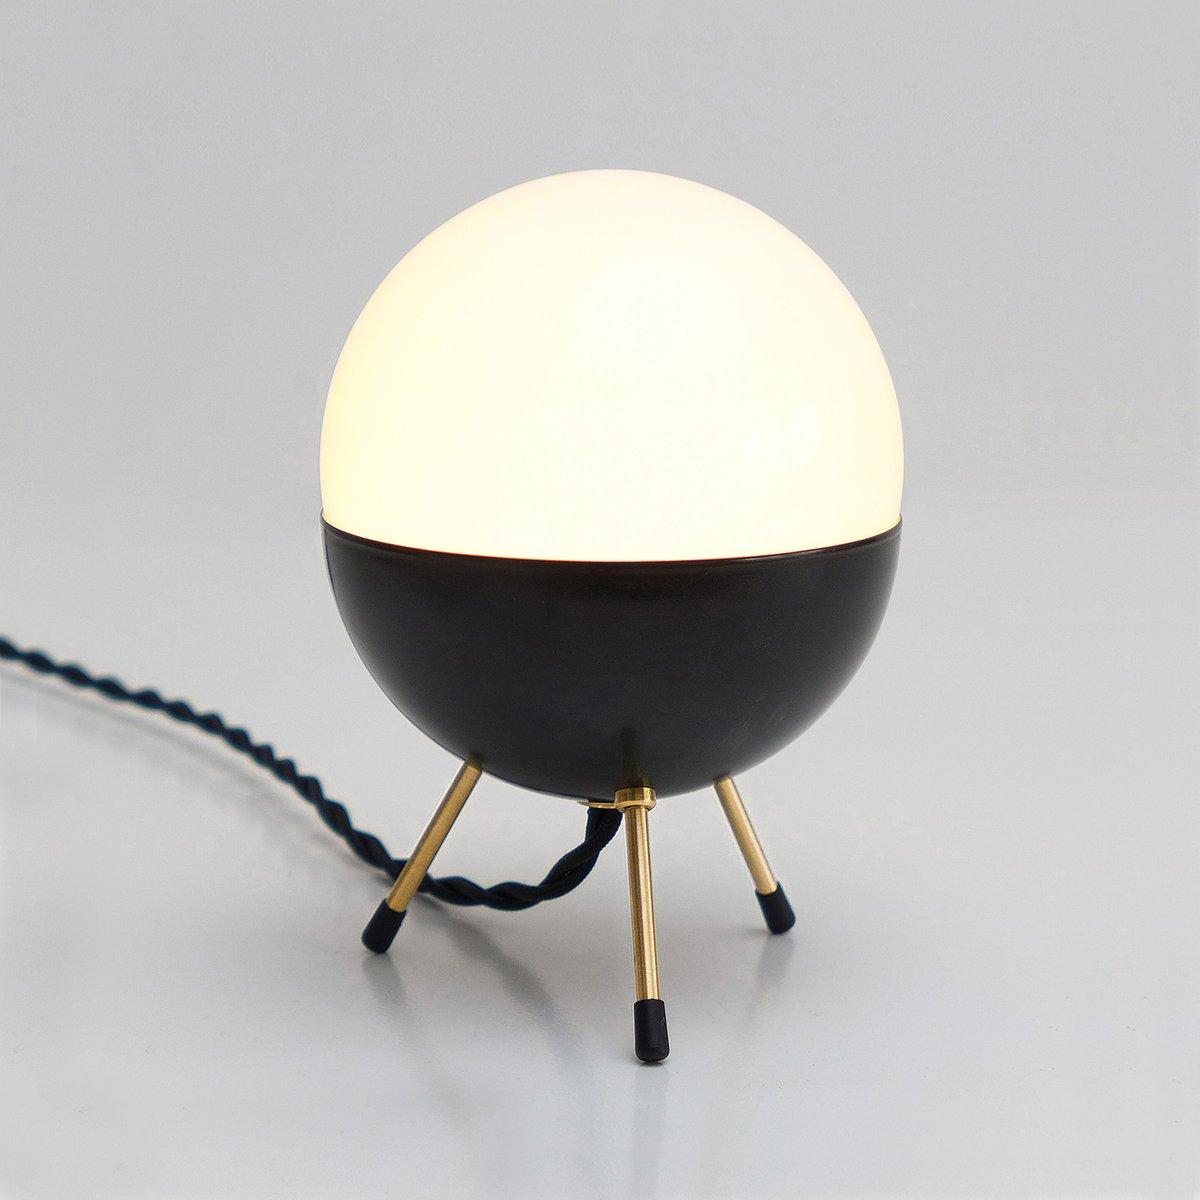 space age minimal sputnik tischlampe von balance lamp bei pamono kaufen. Black Bedroom Furniture Sets. Home Design Ideas